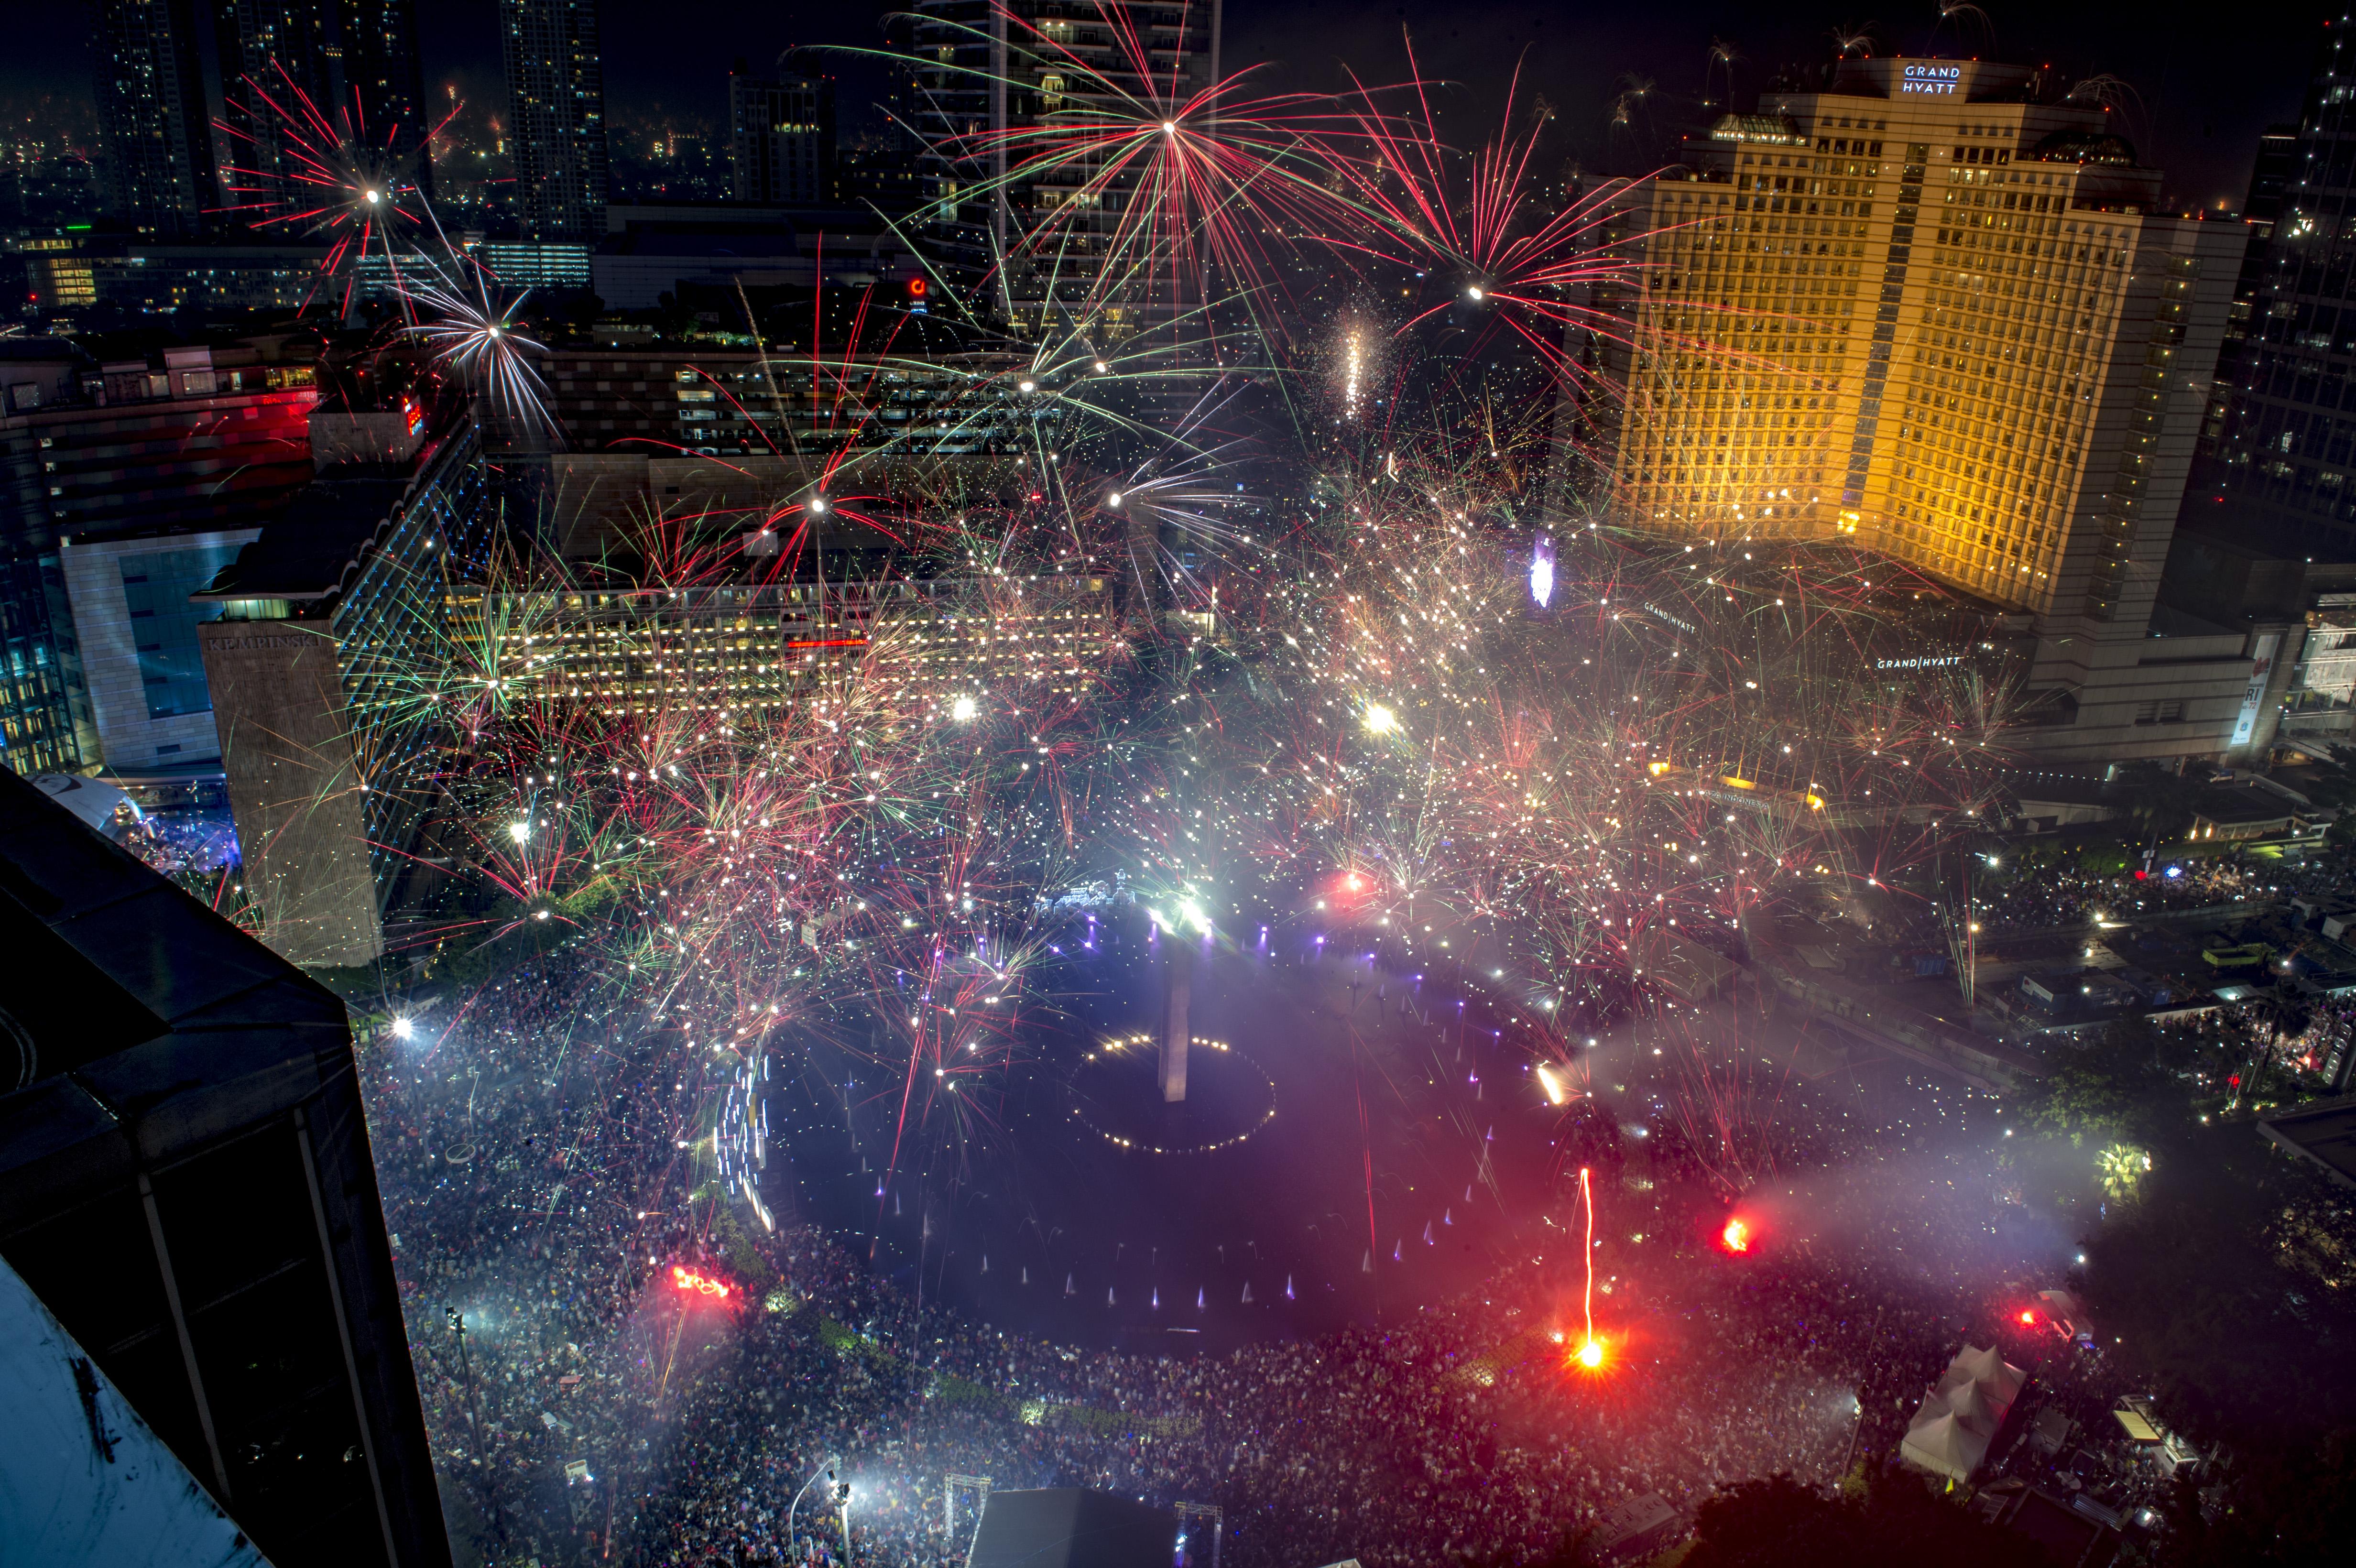 أضاءت الألعاب النارية سماء العاصمة الإندونيسية جاكرتا